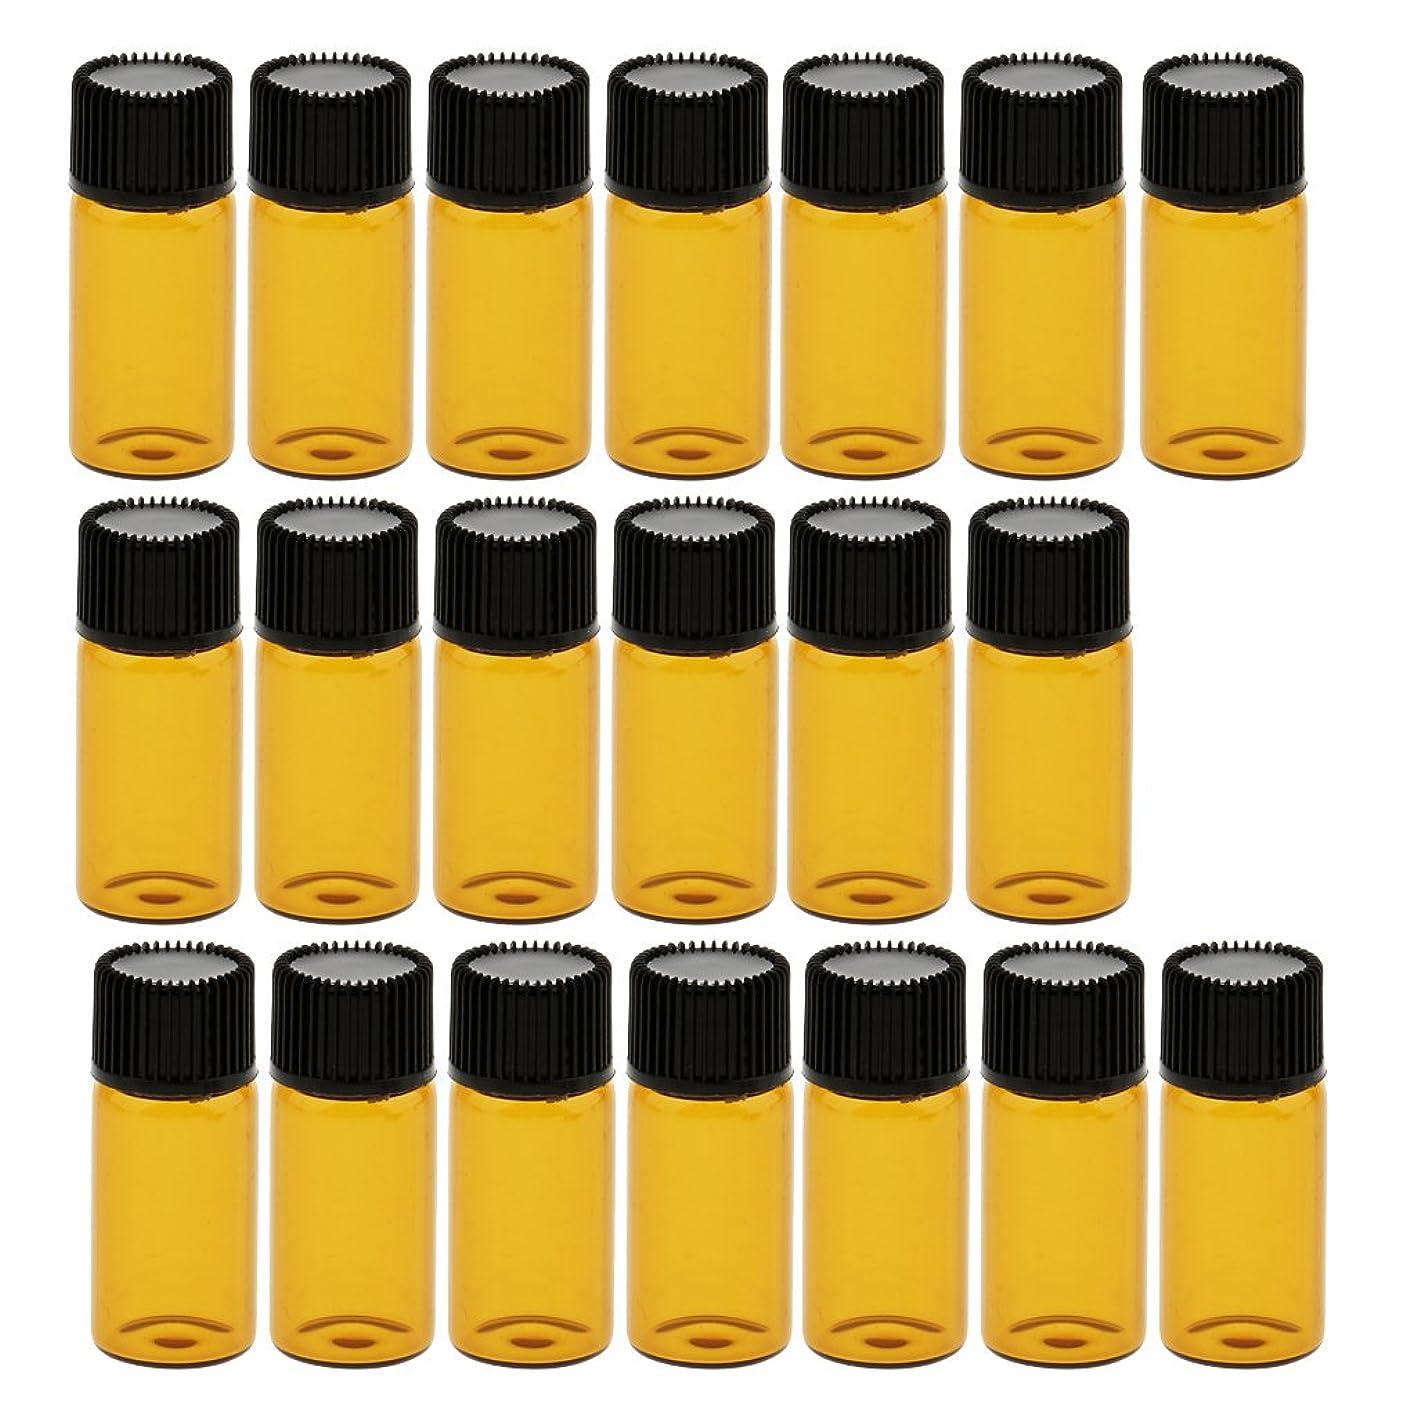 承認する撤回する十一CUTICATE 約20個 ガラスバイアル コスメ 化粧品 詰替え容器 ボトル ポータブルサイズ 旅行小物 4サイズ - 3ml